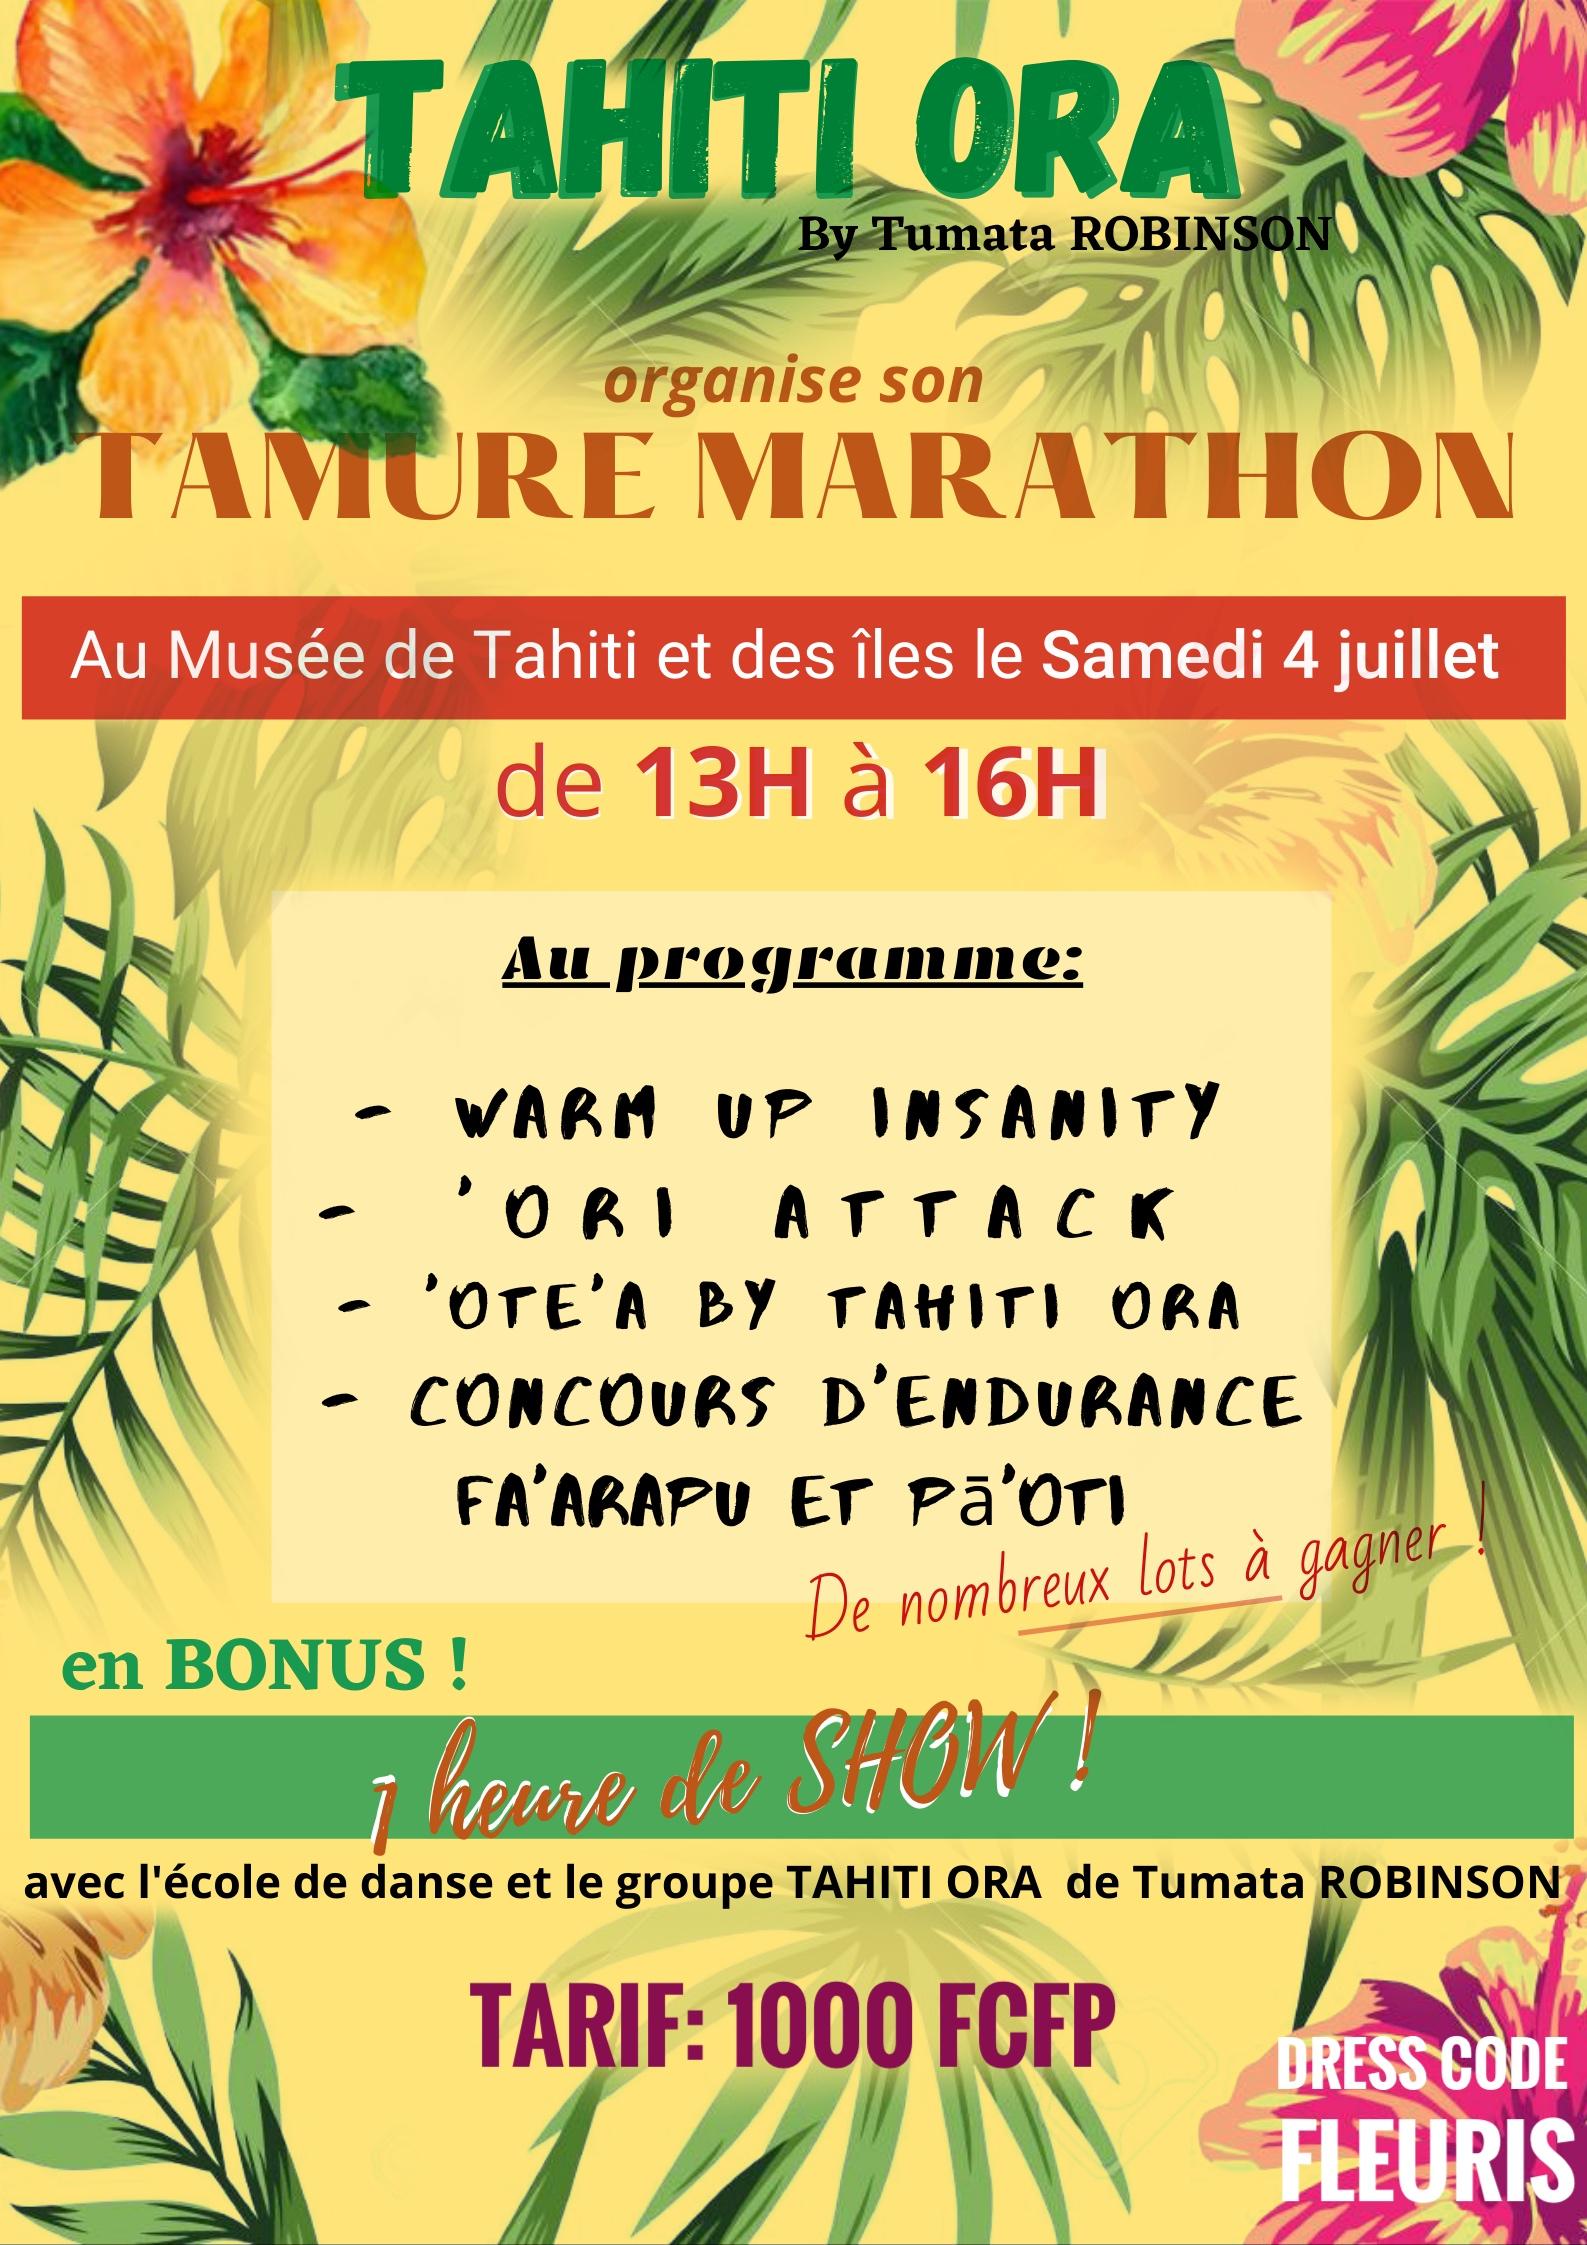 Tahiti Ora fait son show au tamure marathon qu'il organise